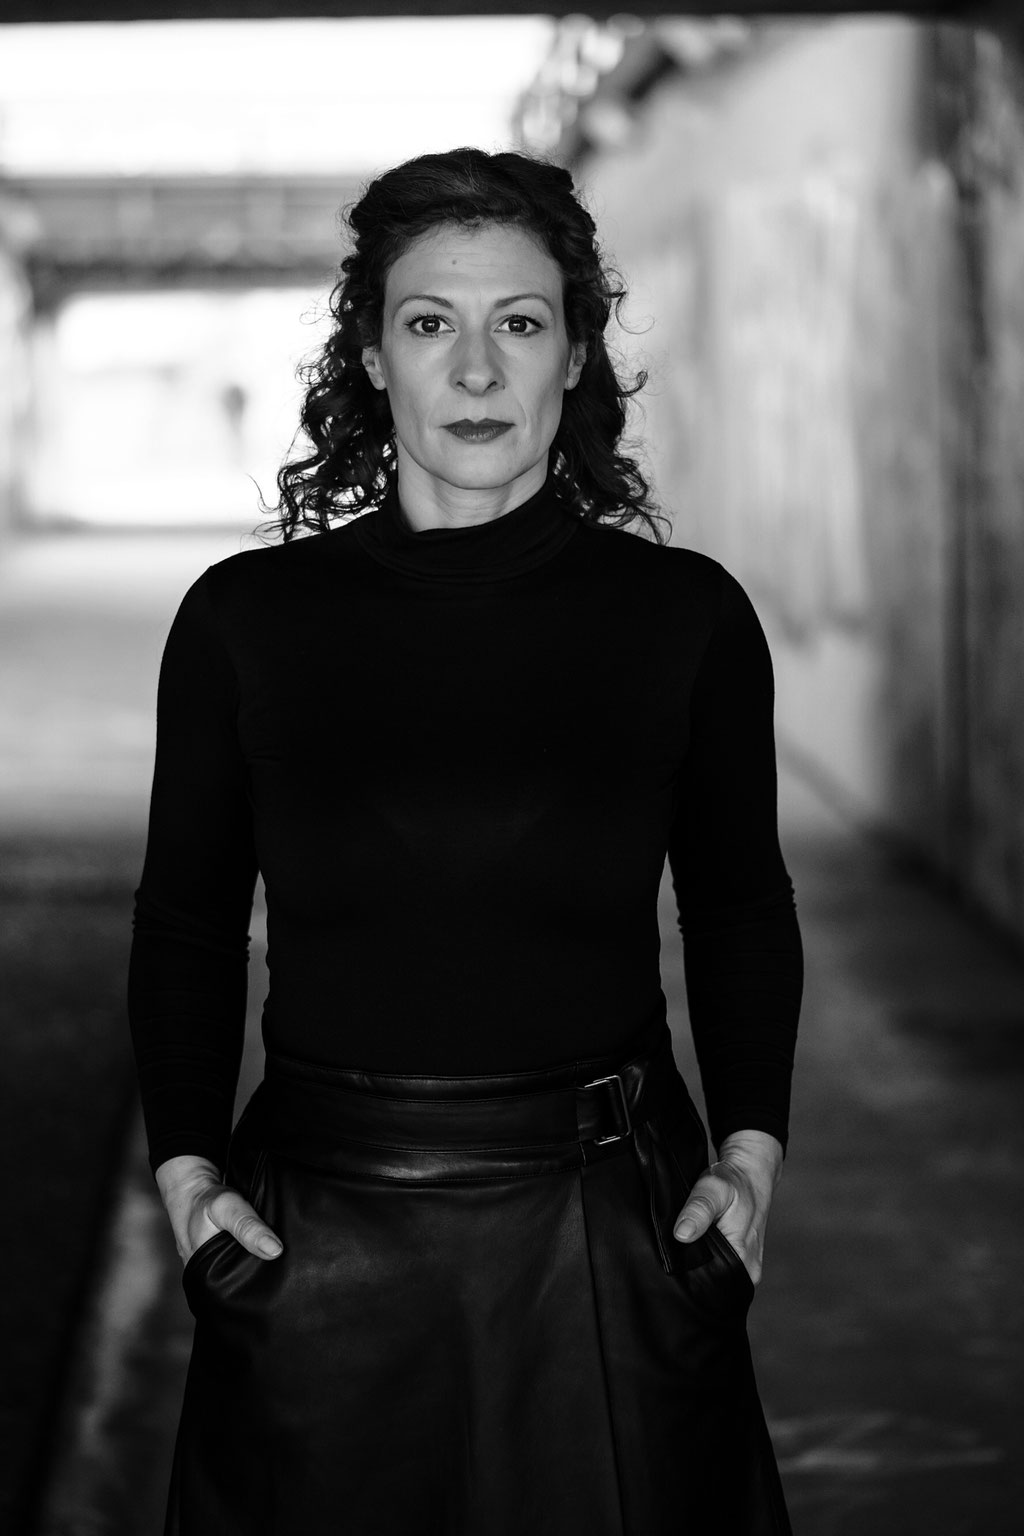 Myriam Tancredi - Schauspieler - Künstlerportrait - Frankfurt am Main - Photo by Melina Johannsen